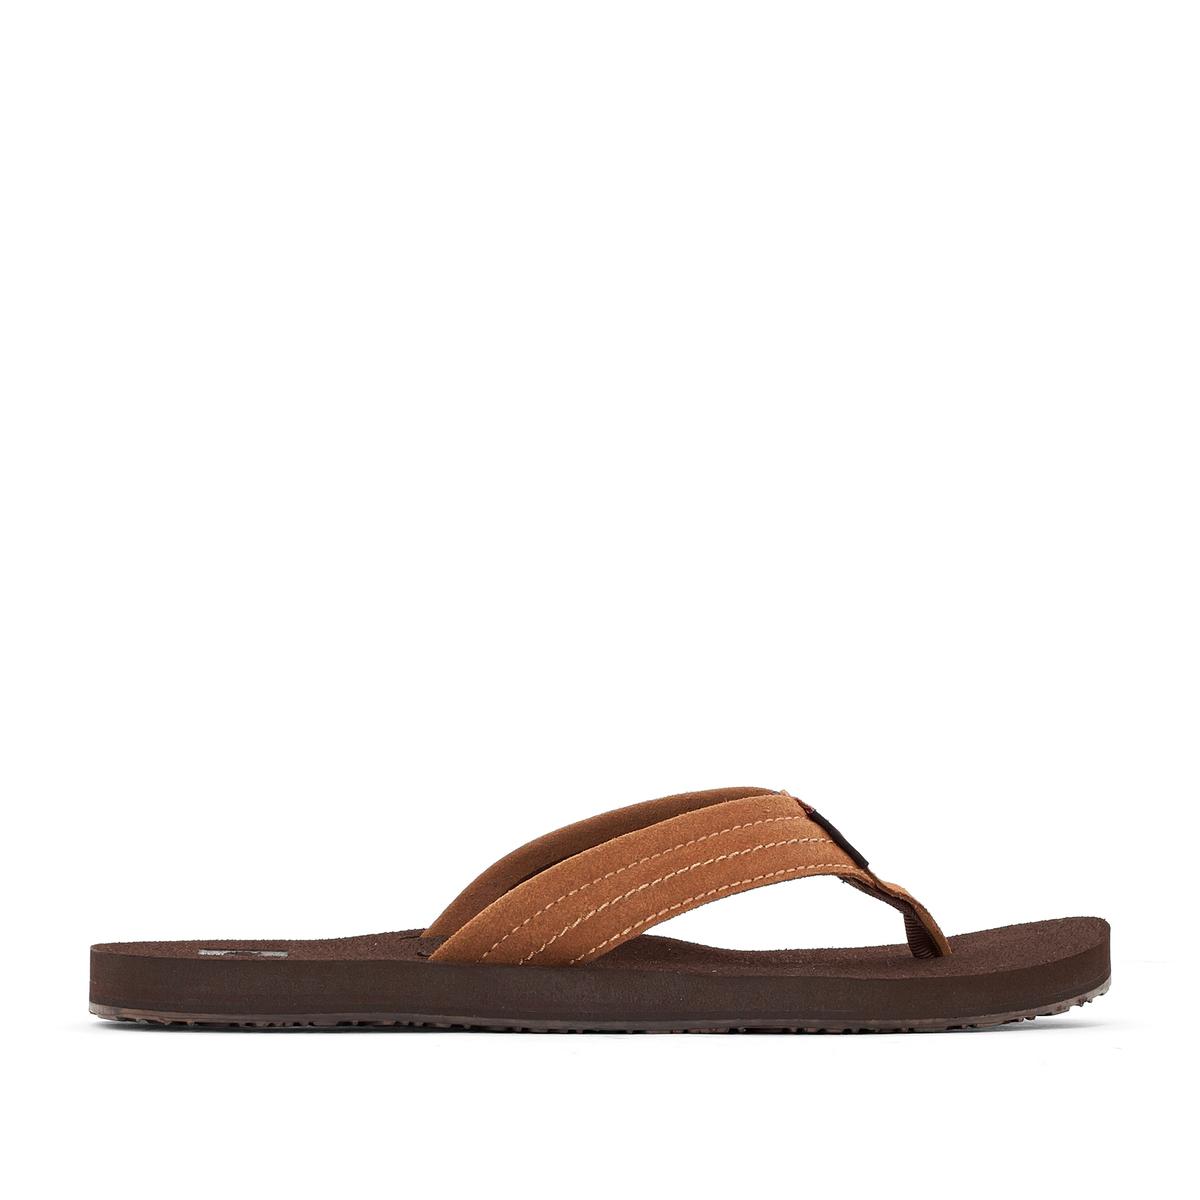 Вьетнамки SmokeyВерх/Голенище : кожа   Стелька : кожа   Подошва : каучук   Форма каблука : плоский каблук   Мысок : открытый мысок   Застежка : без застежки<br><br>Цвет: каштановый<br>Размер: 39